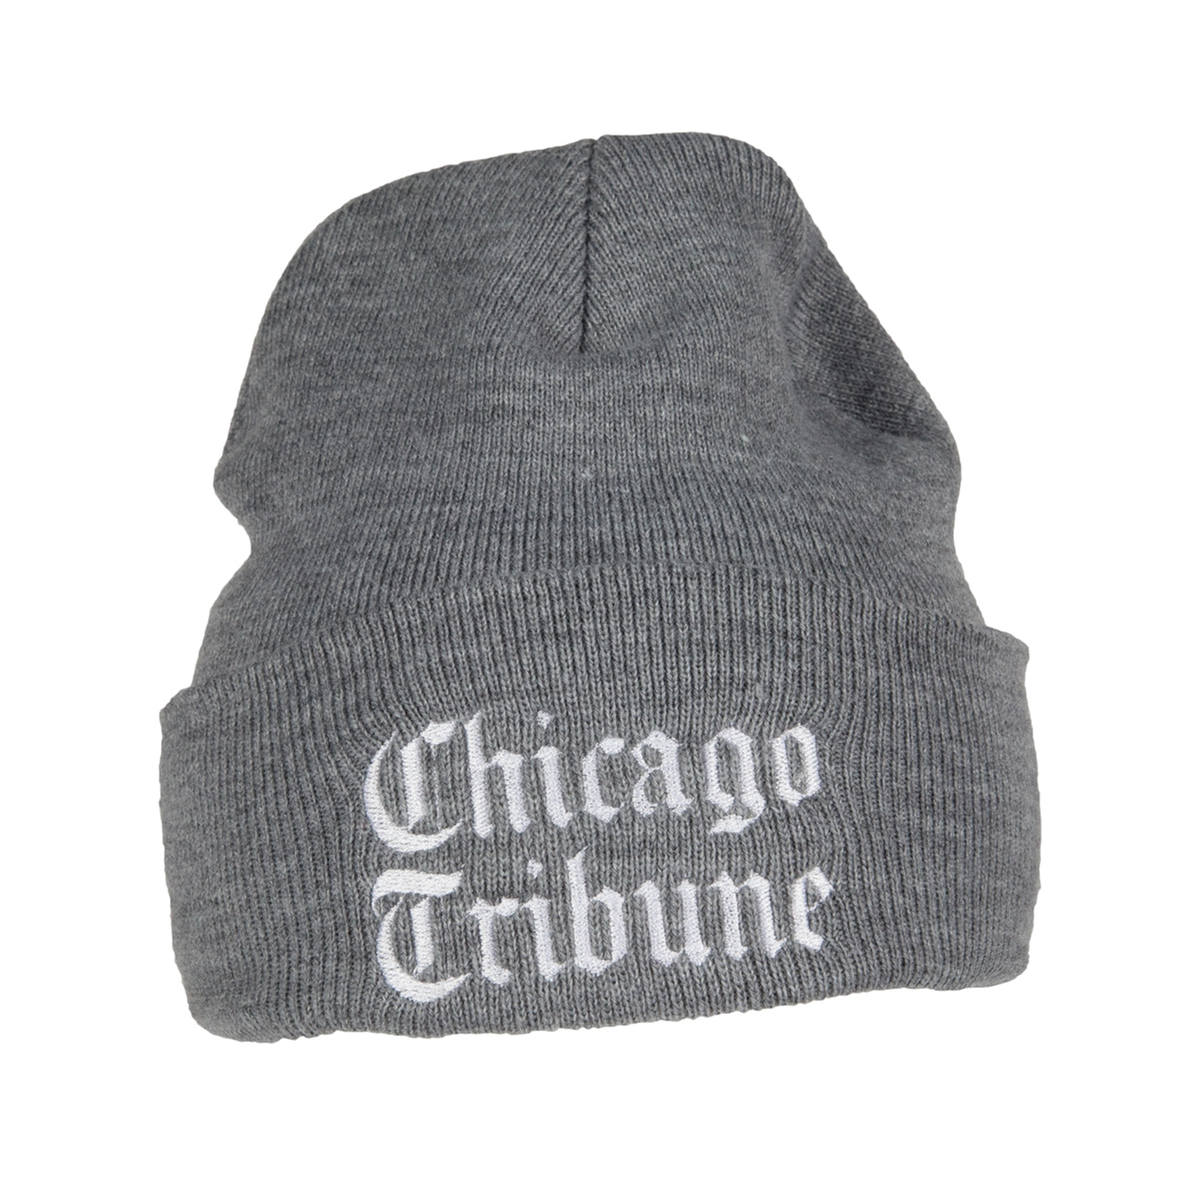 Chicago Tribune Grey Knit Beanie